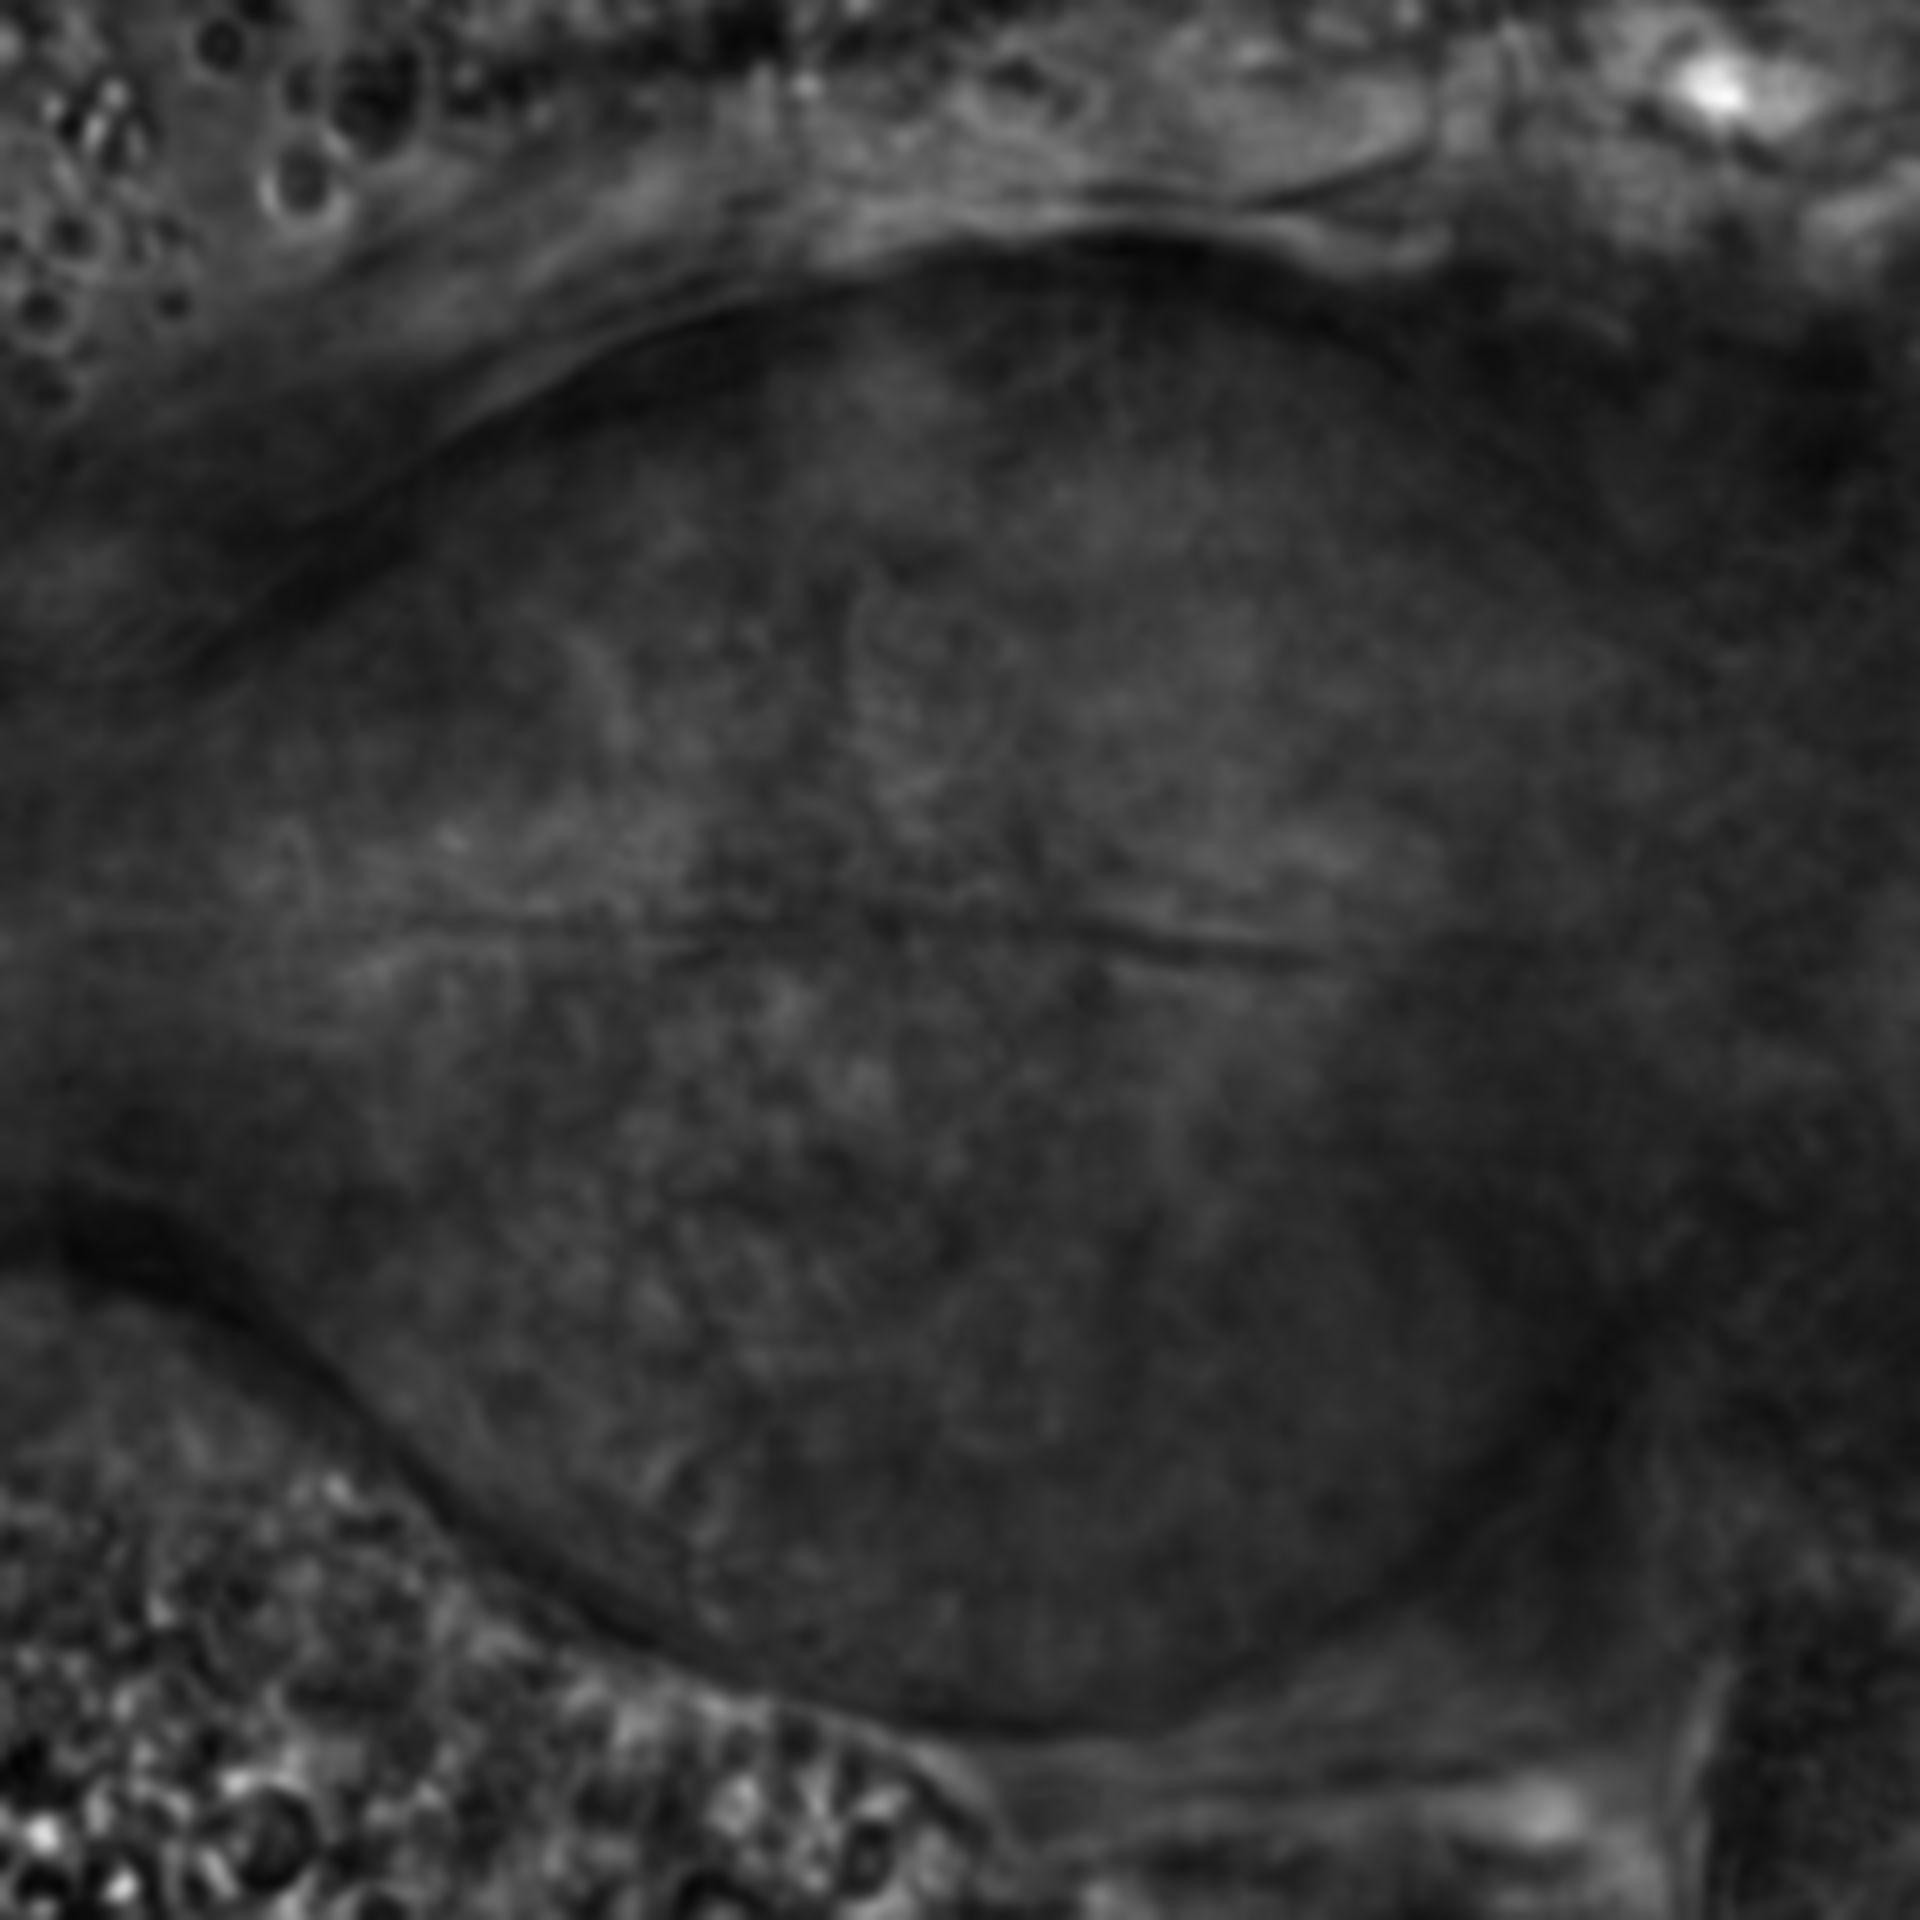 Caenorhabditis elegans - CIL:1907